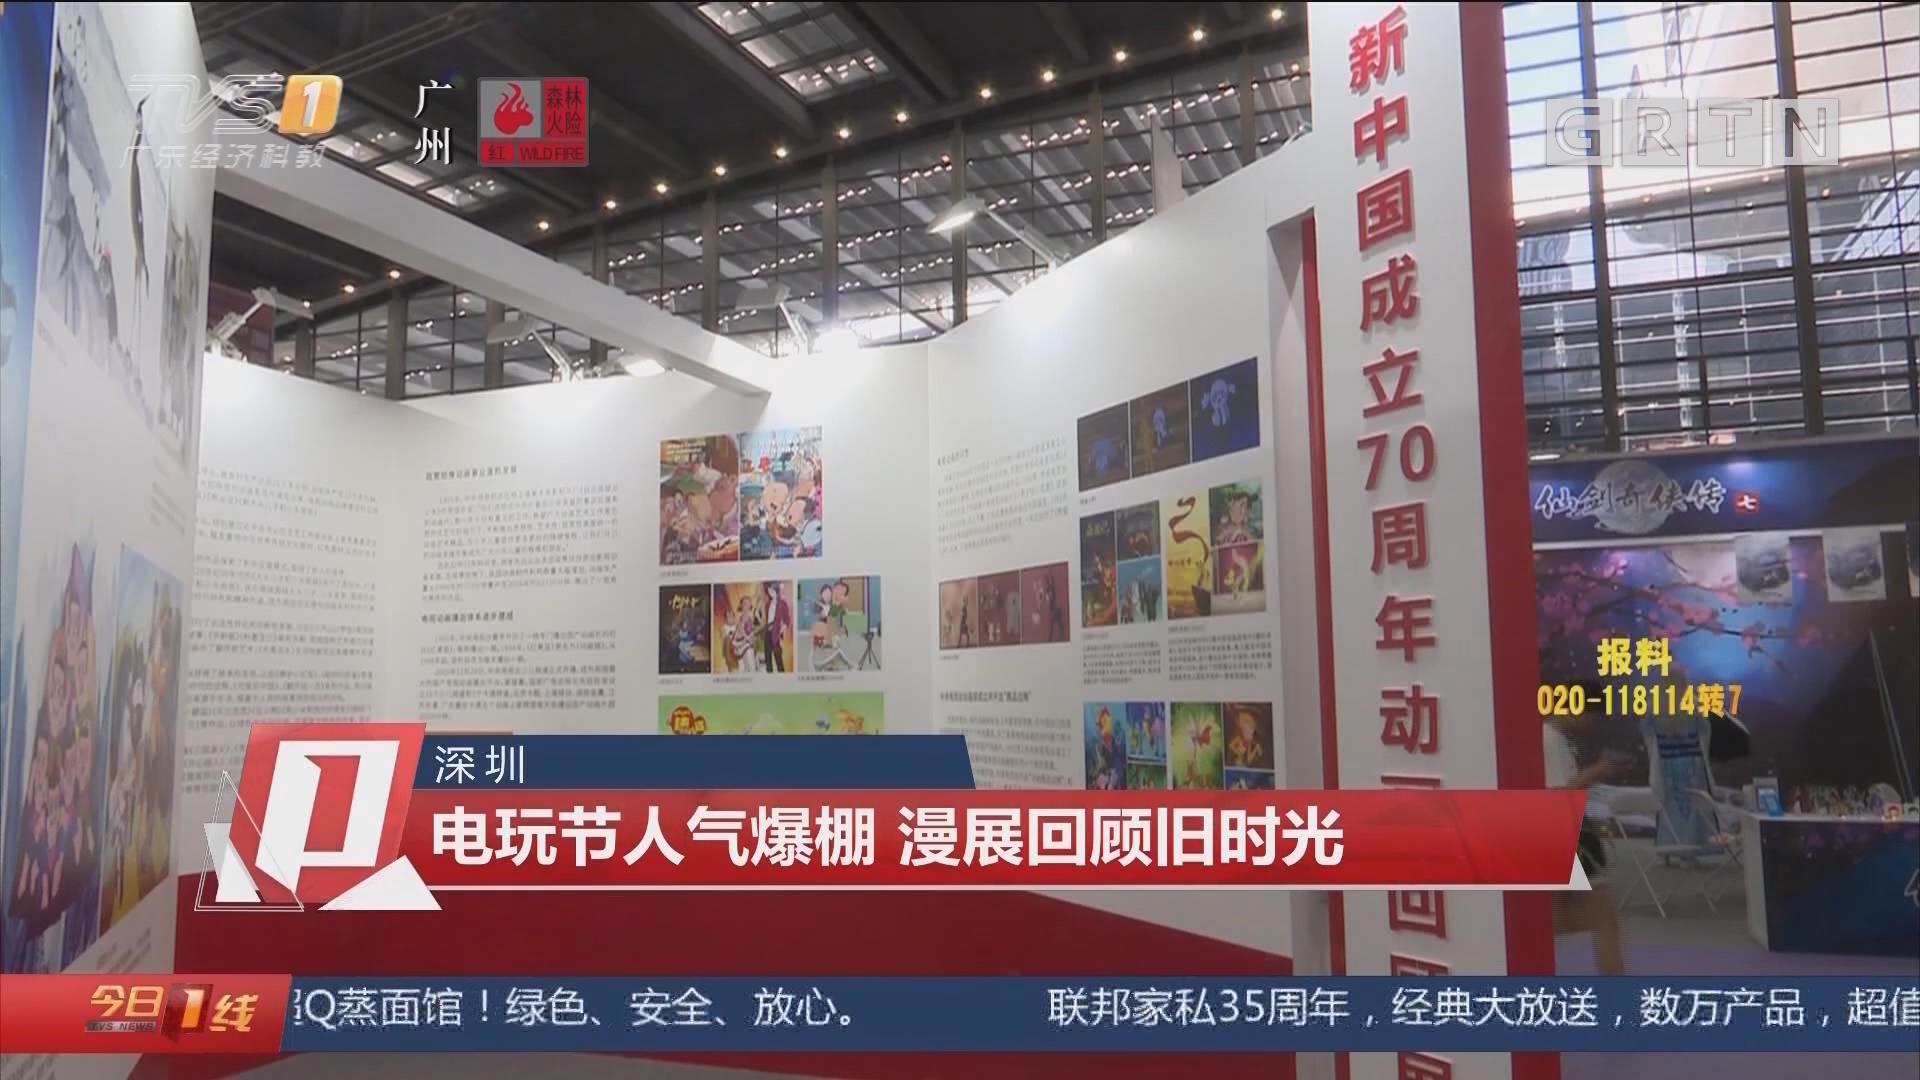 深圳:电玩节人气爆棚 漫展回顾旧时光